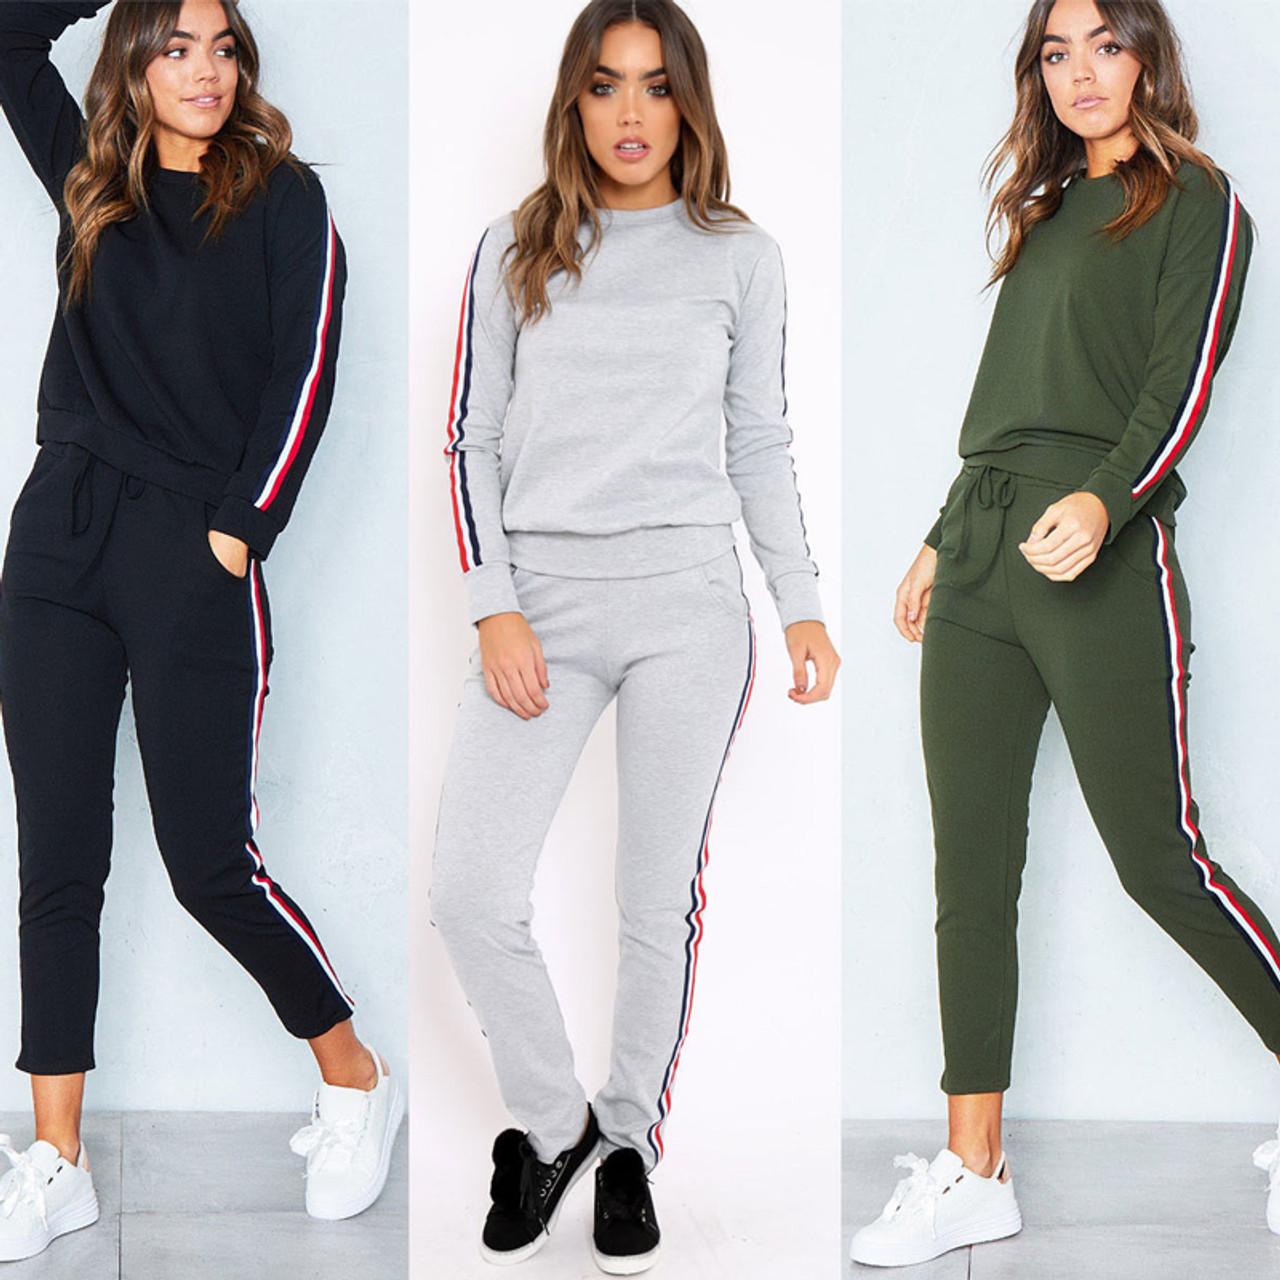 e99aef4ea0e6c 2017 Autumn Winter Knit Sportswear Women Long Sleeve Side Stripe Tracksuit  Female Casual Conjuntos Ankle- ...